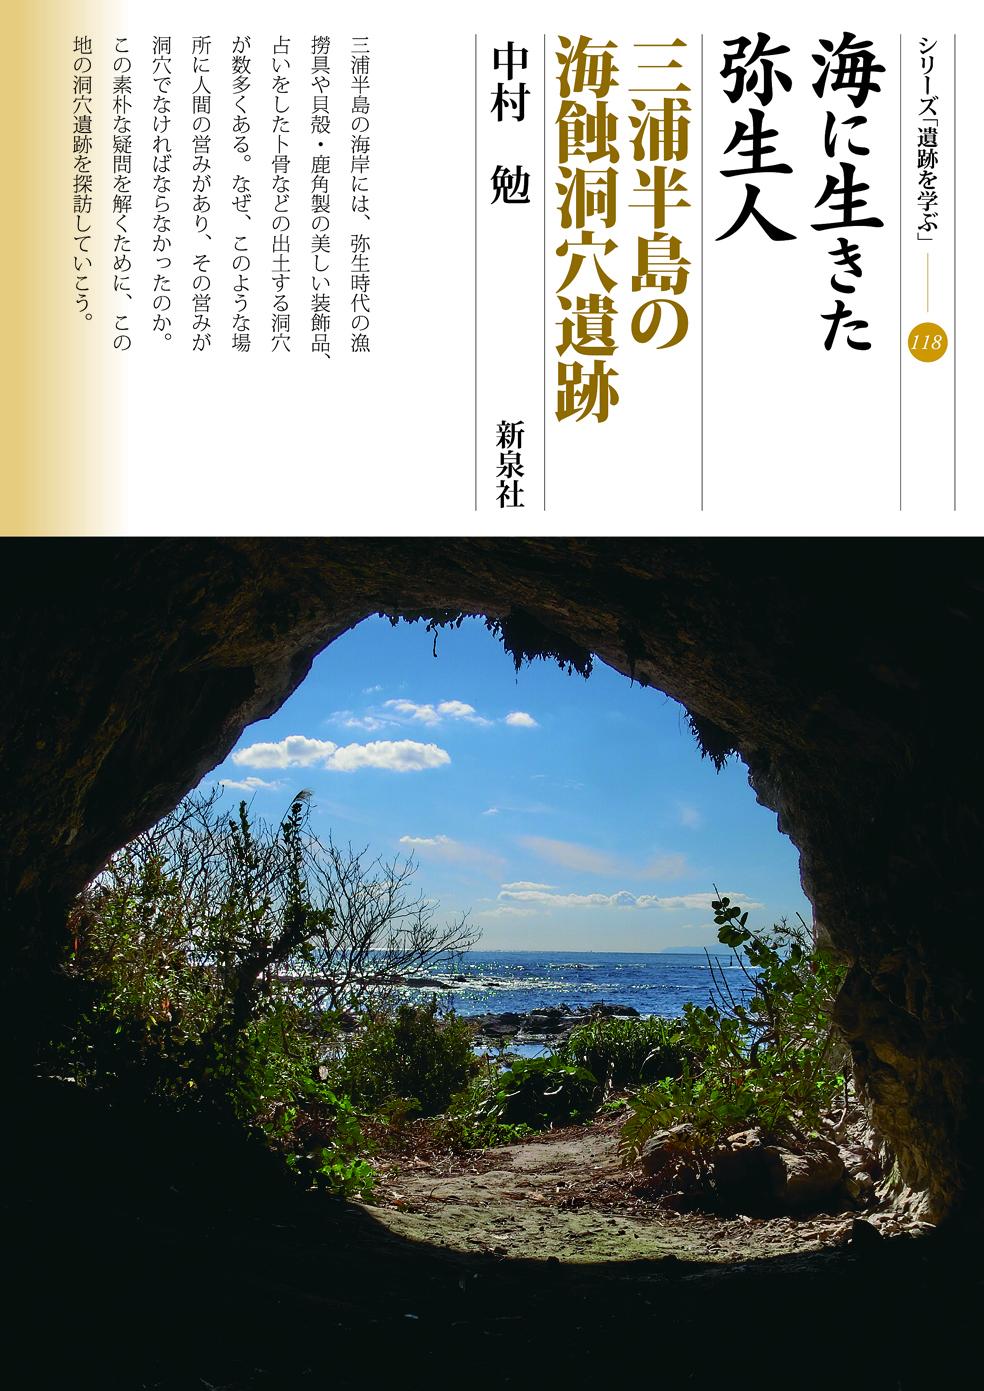 海に生きた弥生人・三浦半島の海蝕洞穴遺跡